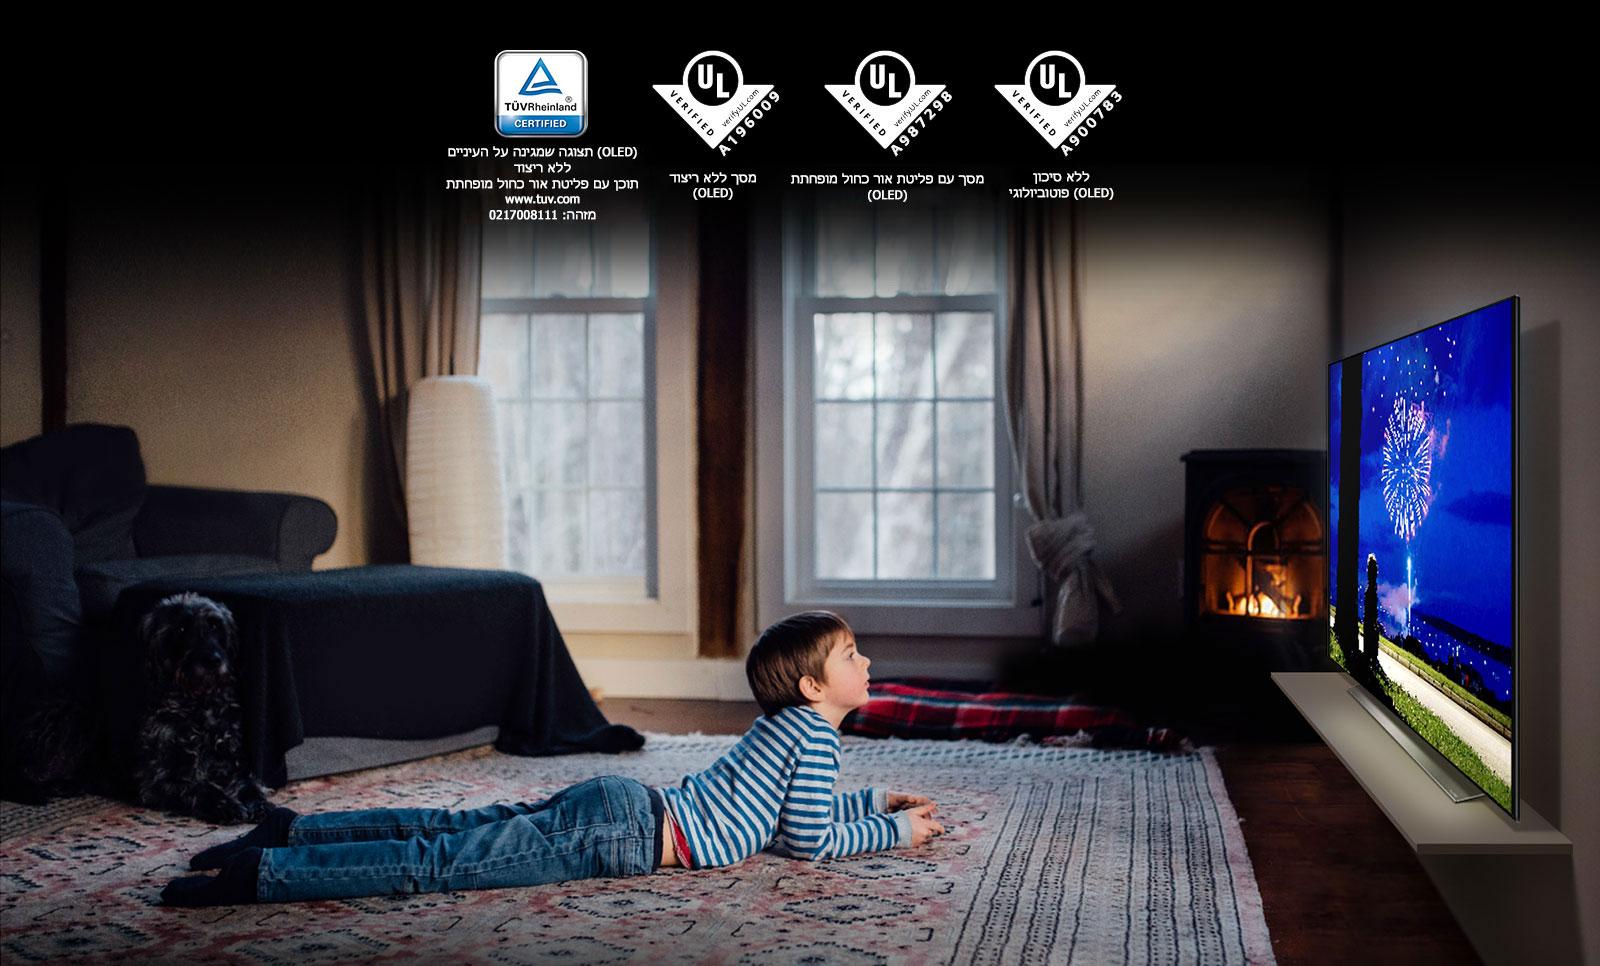 """זהו הכרטיס המתאר את ה""""מסך בעל נוחות לעיניים"""". זוהי סצנה של ילד צופה בטלוויזיה בתנוחה שכיבה. ארבעה סמלי לוגו מוצגים לצורך אישור """"מסך בעל נוחות לעיניים"""